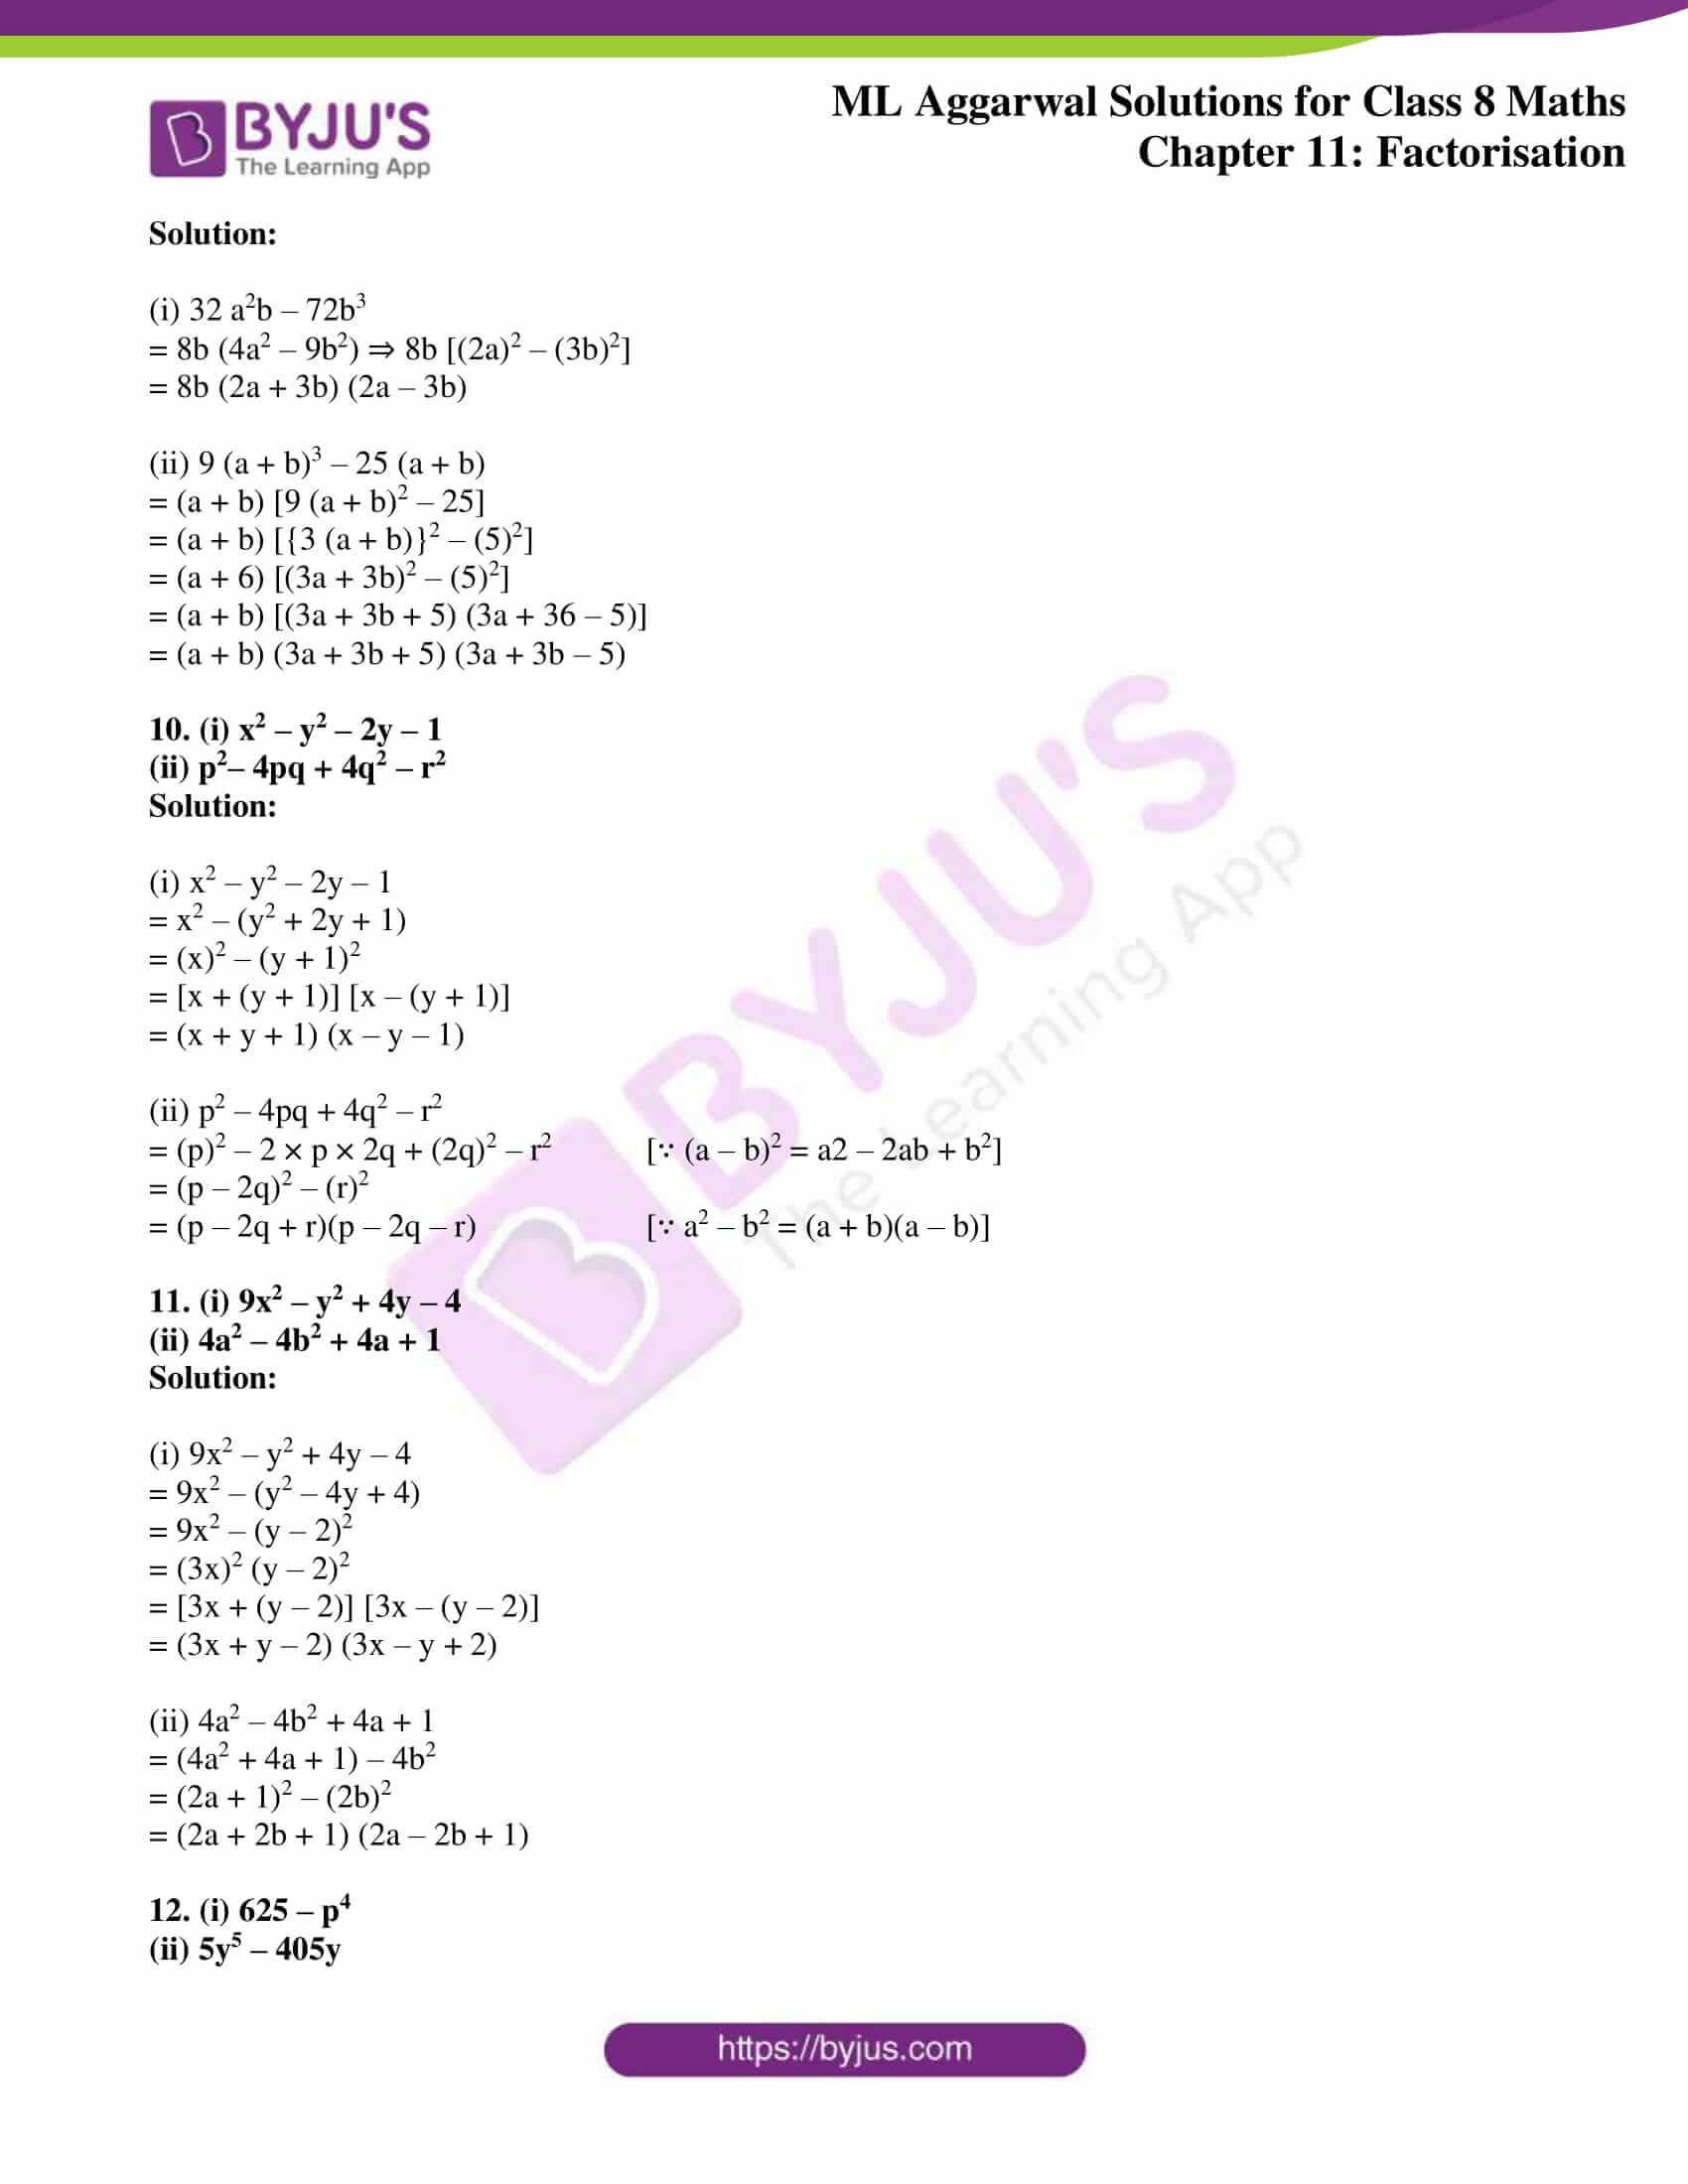 ml aggarwal sol mathematics class 8 ch 11 10